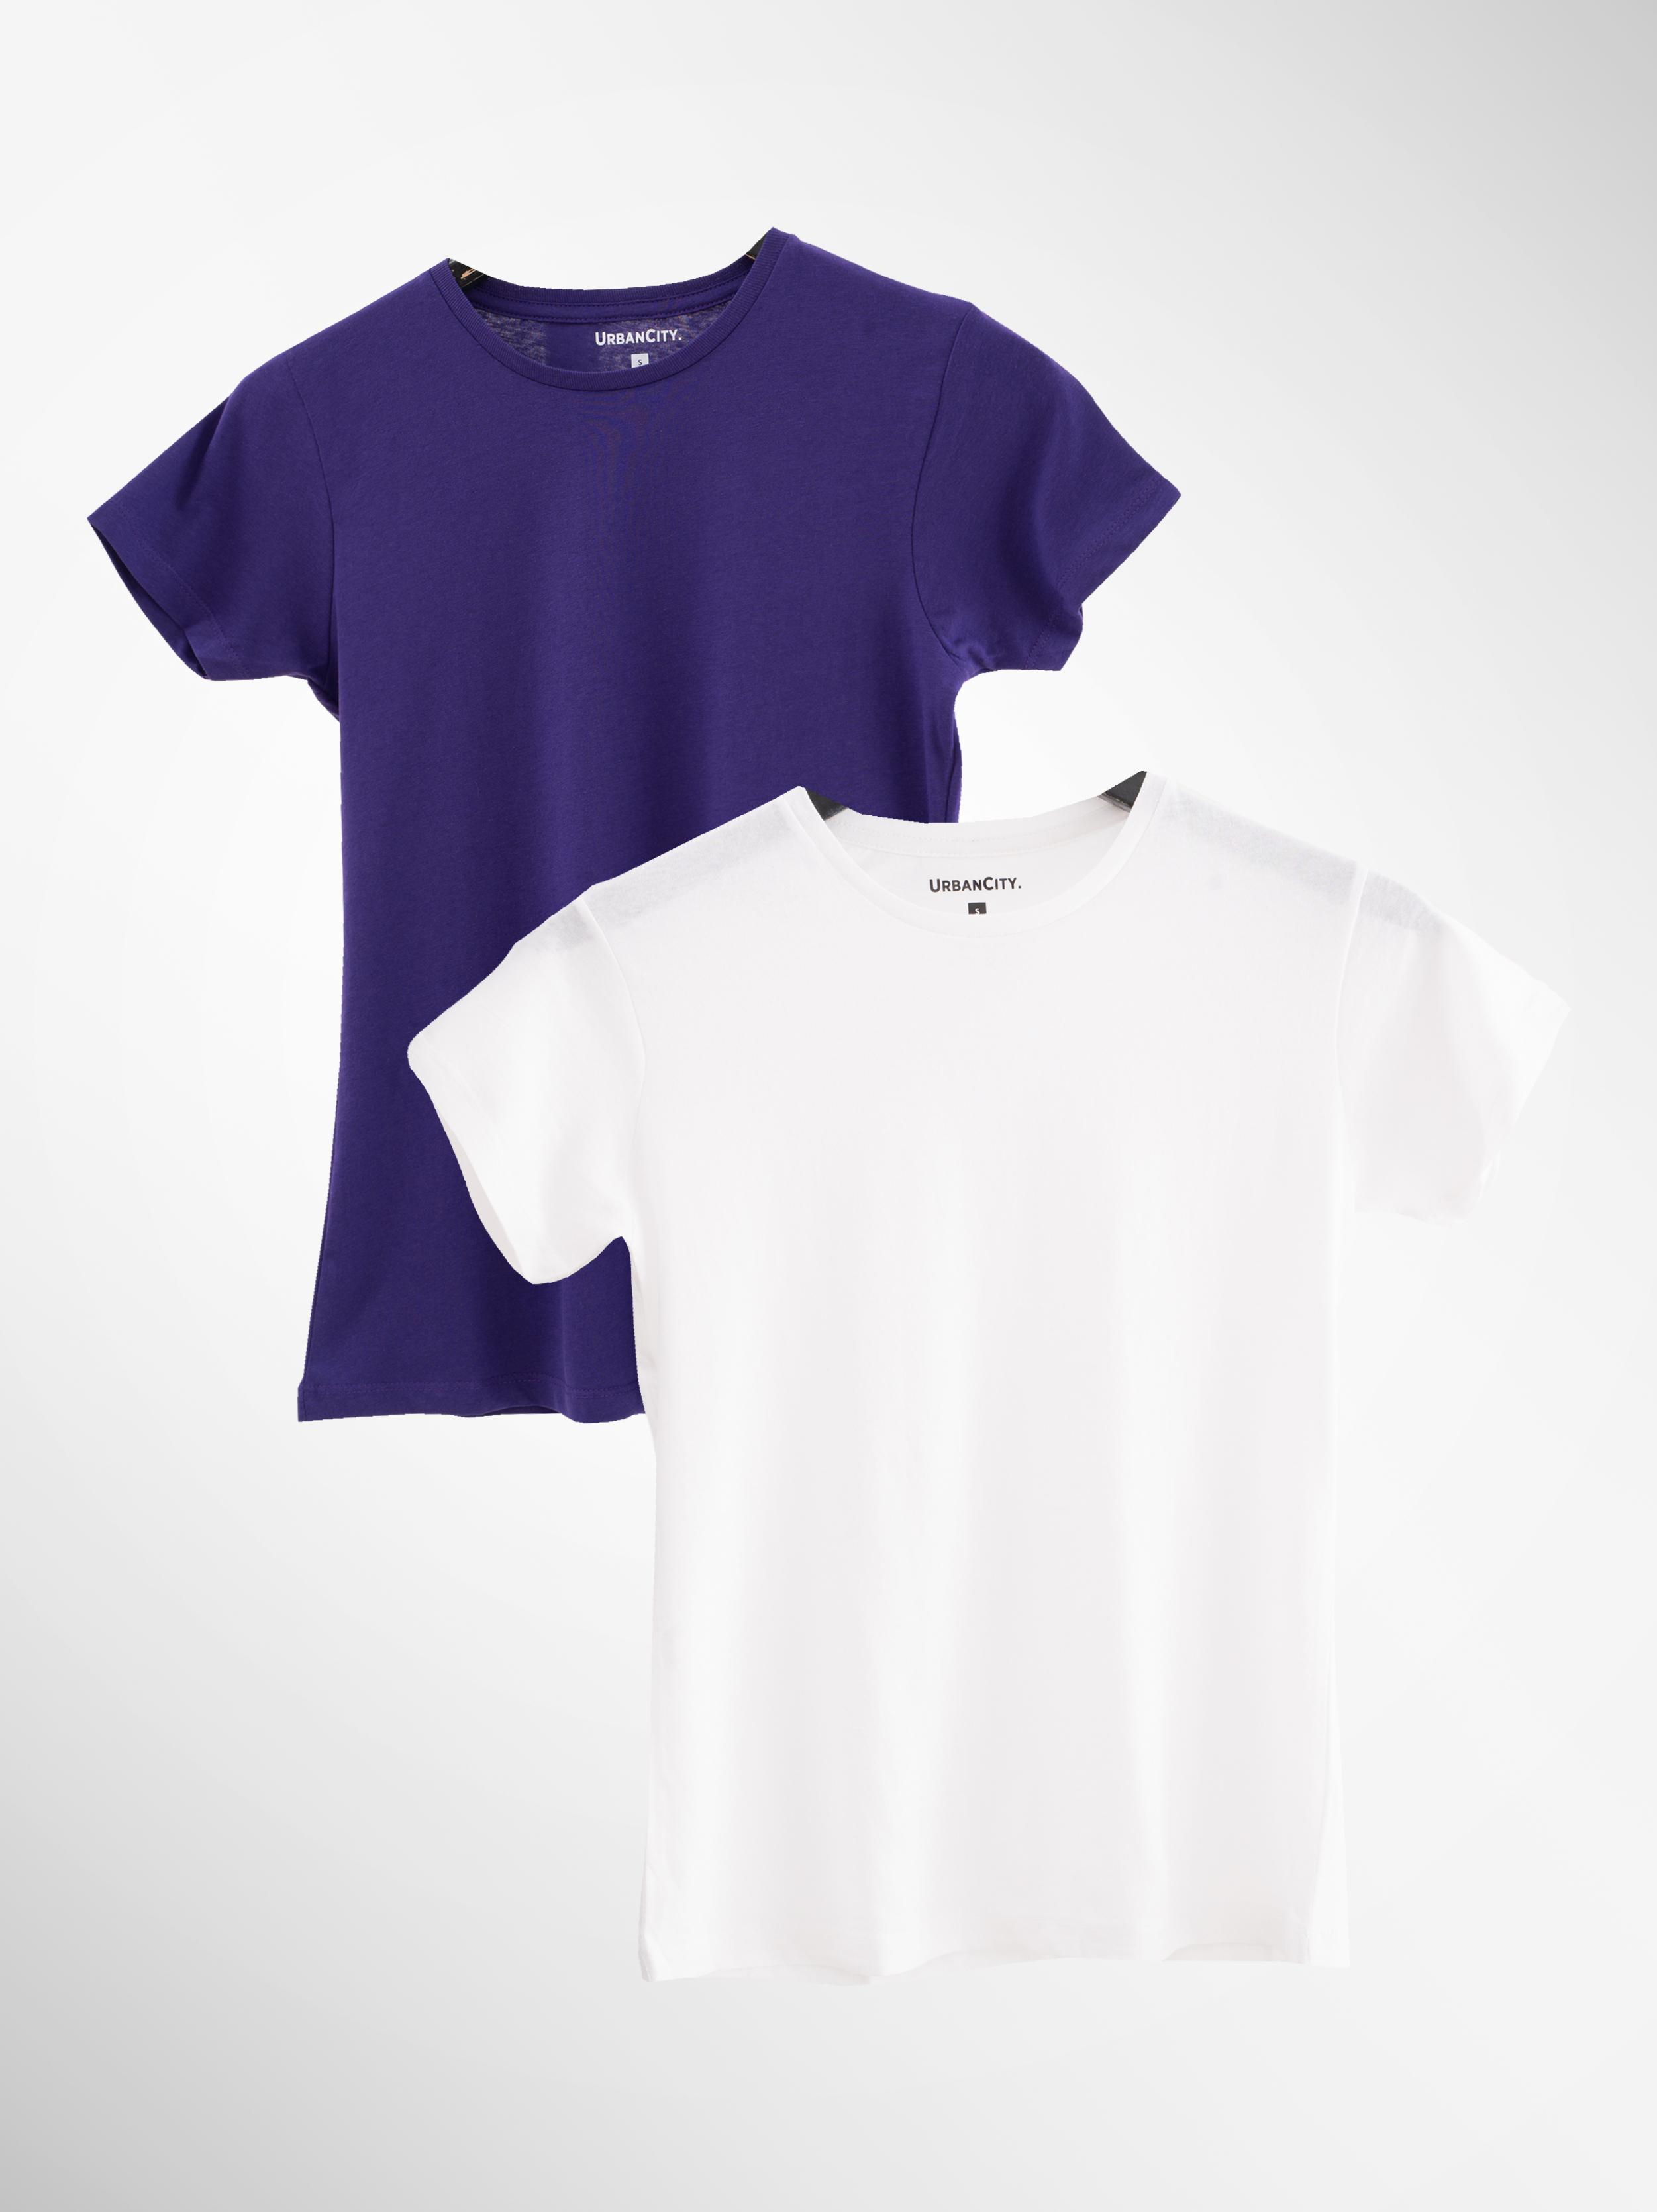 Zestaw 2 Damskich T-Shirtów Urban City No Logo Basic Biały / Fioletowy